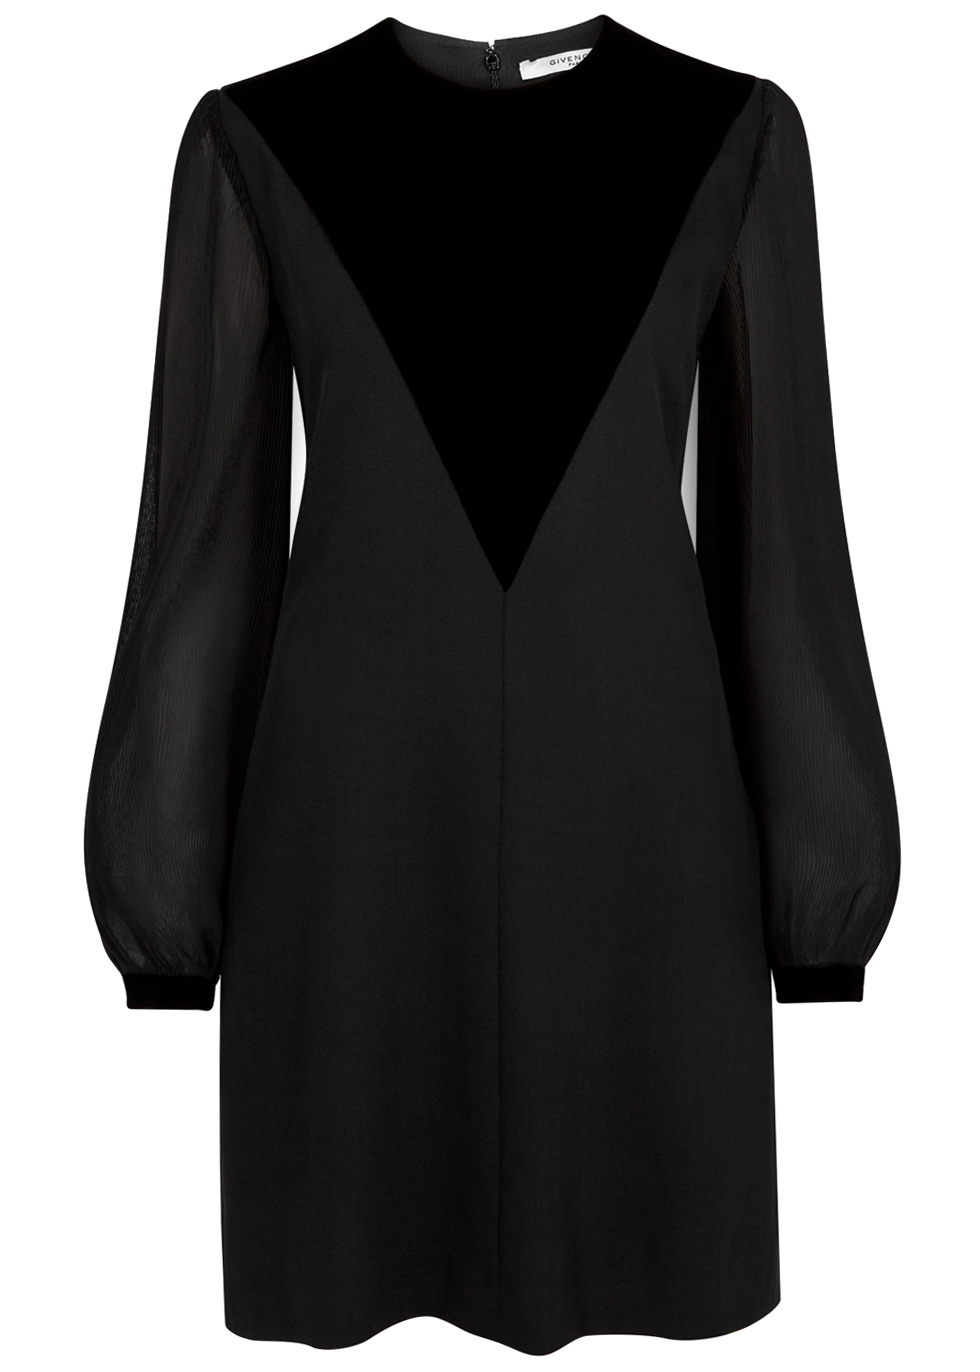 GIVENCHY BLACK VELVET-PANELLED WOOL DRESS